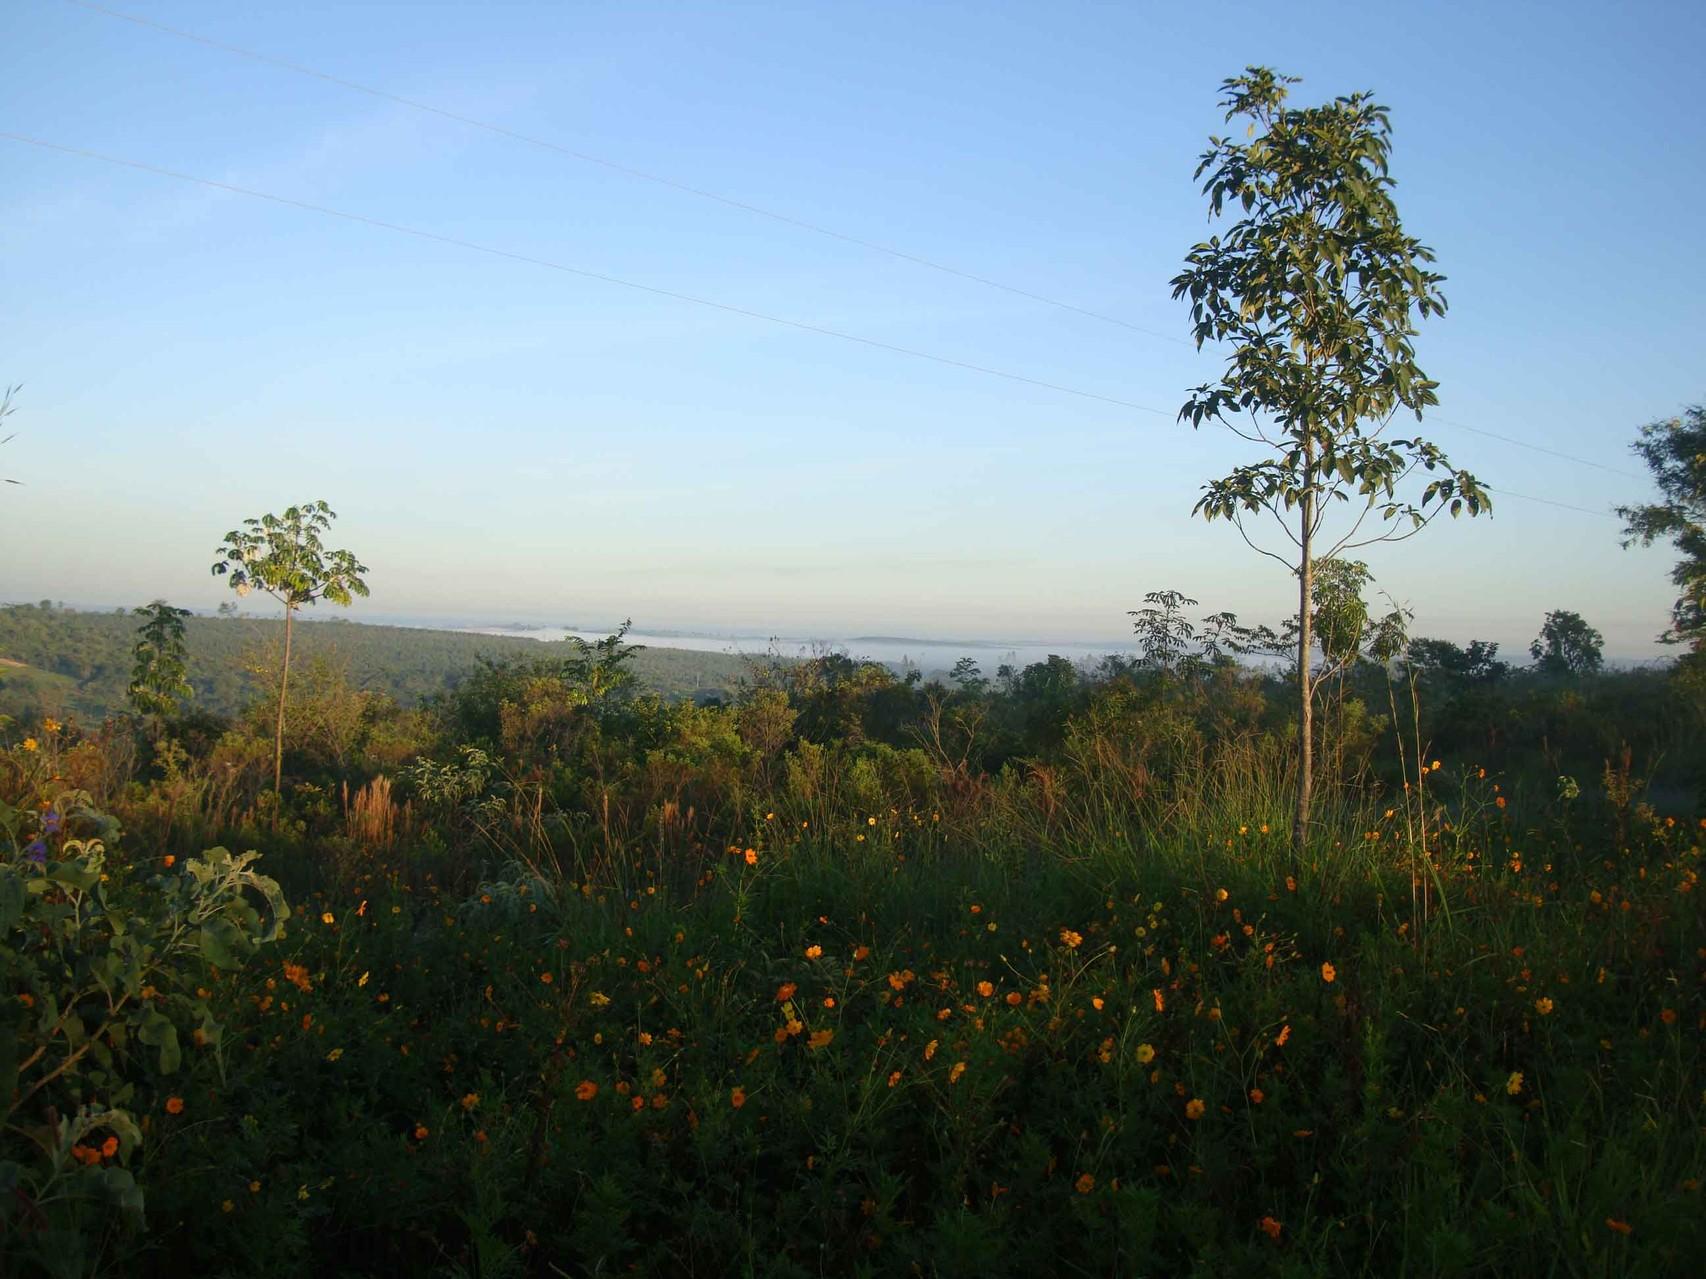 養蜂園の夜明け。地平線が広がる清々しい風景です。